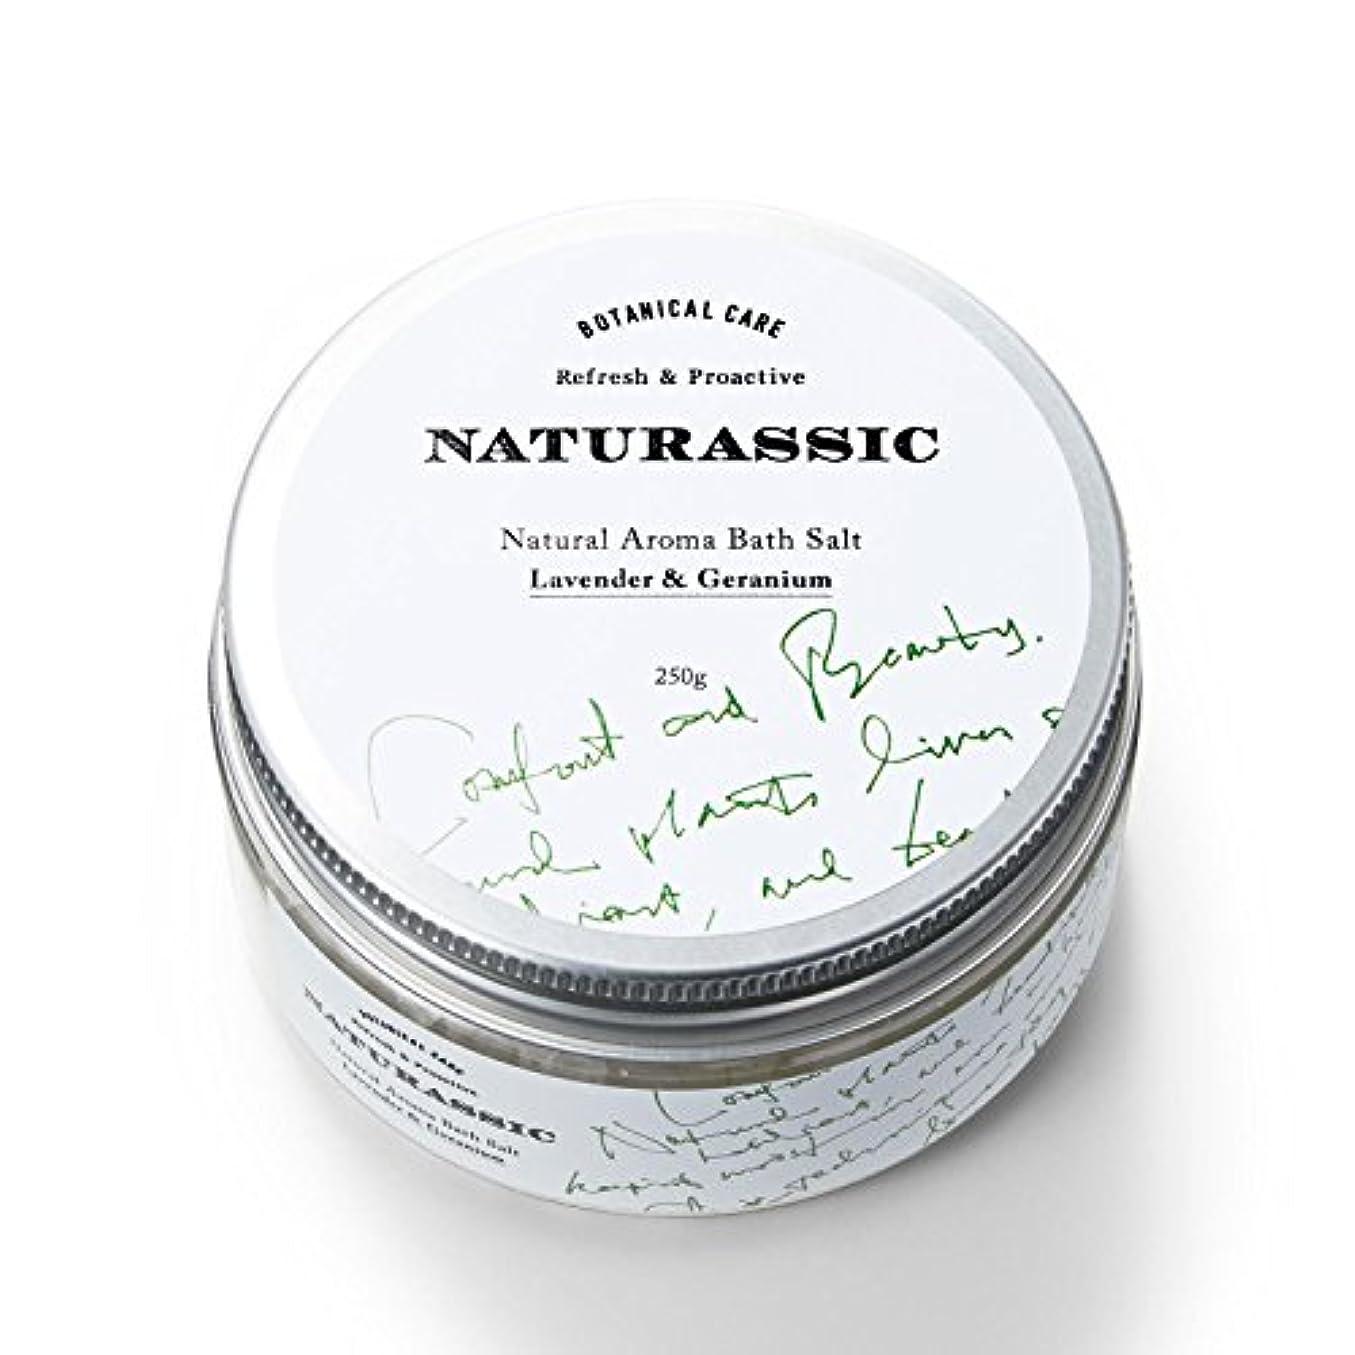 パッド毒通り抜けるナチュラシック ナチュラルアロマバスソルトLG ラベンダー&ゼラニウムの香り 250g [天然由来成分100%]